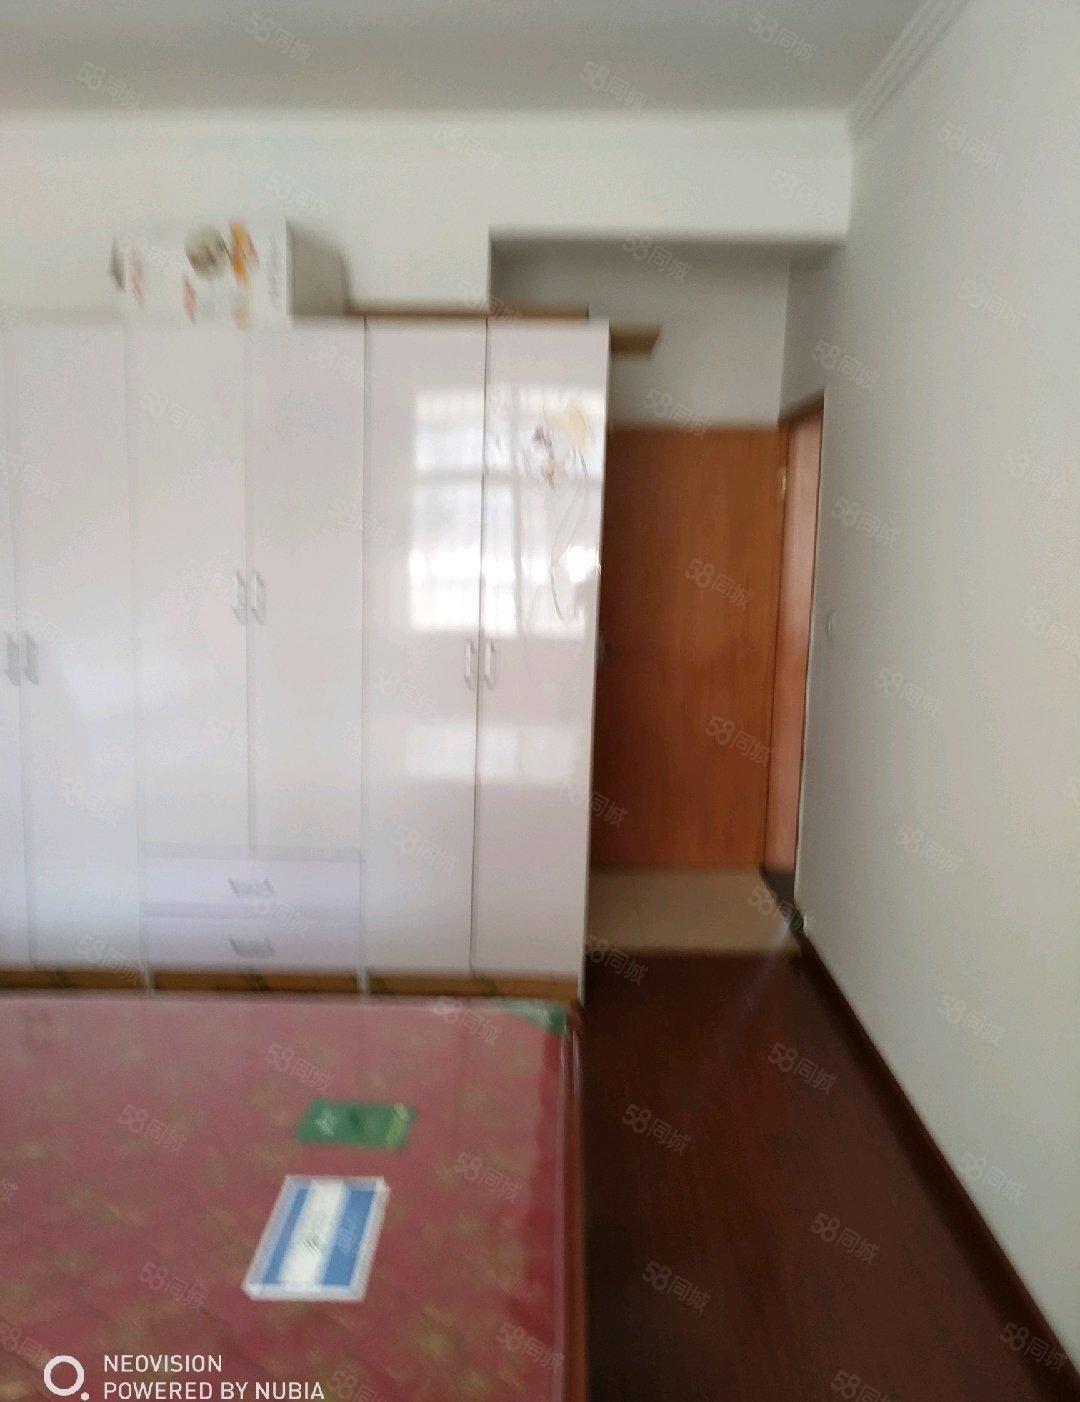 李家湾3室2厅2卫新装修,因去外地发展急售19.7万